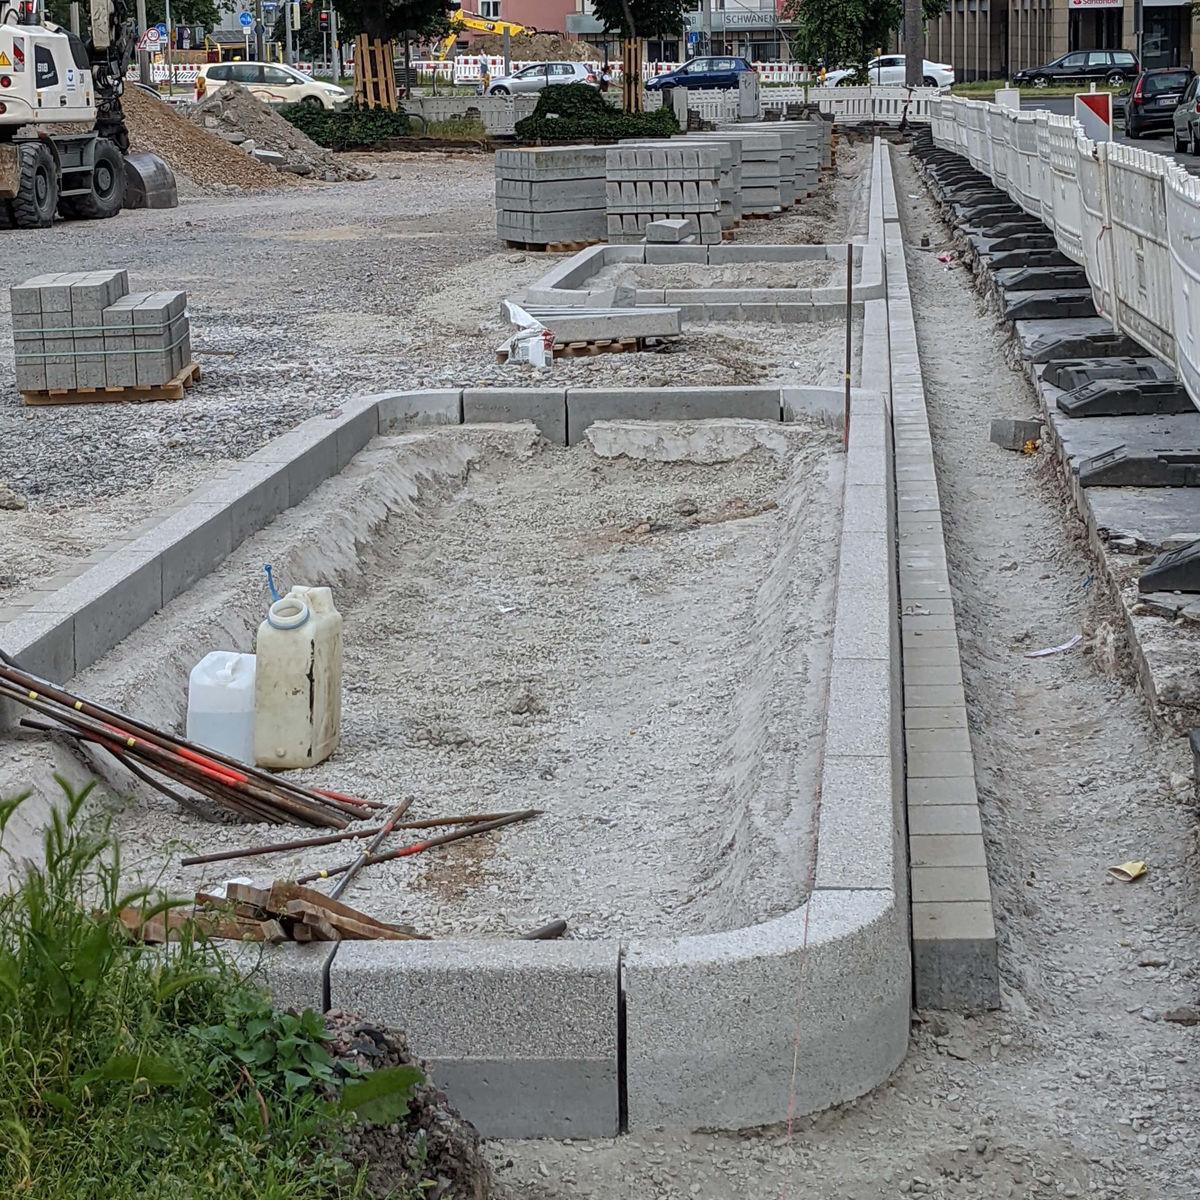 Baustelle des Radwegs am Wallring mit Blick auf das Mikrodepot in Dortmund mit verlegten Pflastersteinen als Begrenzung am Rand und Schotter in der Wegmitte